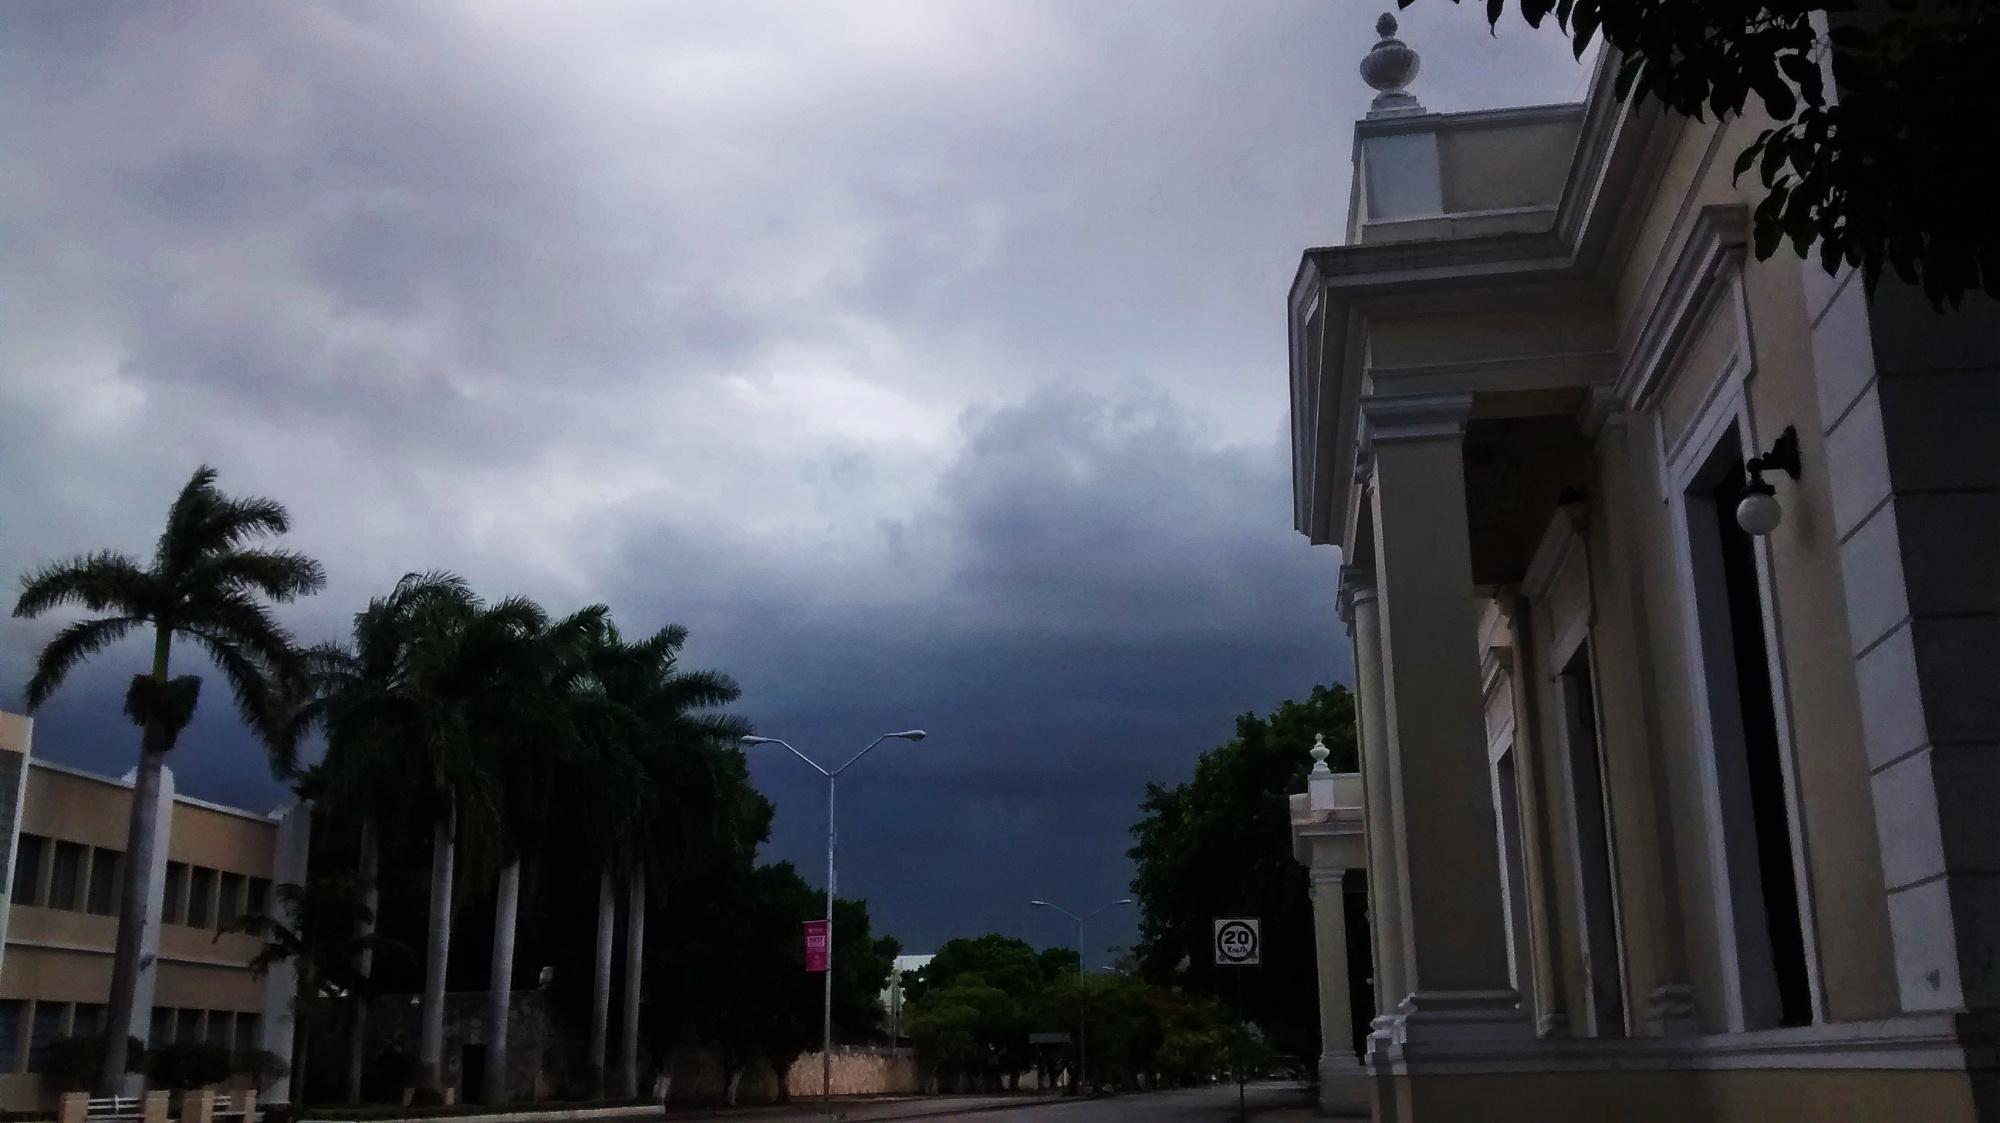 Calor intenso en el día y tormentas por la tarde se esperan este jueves